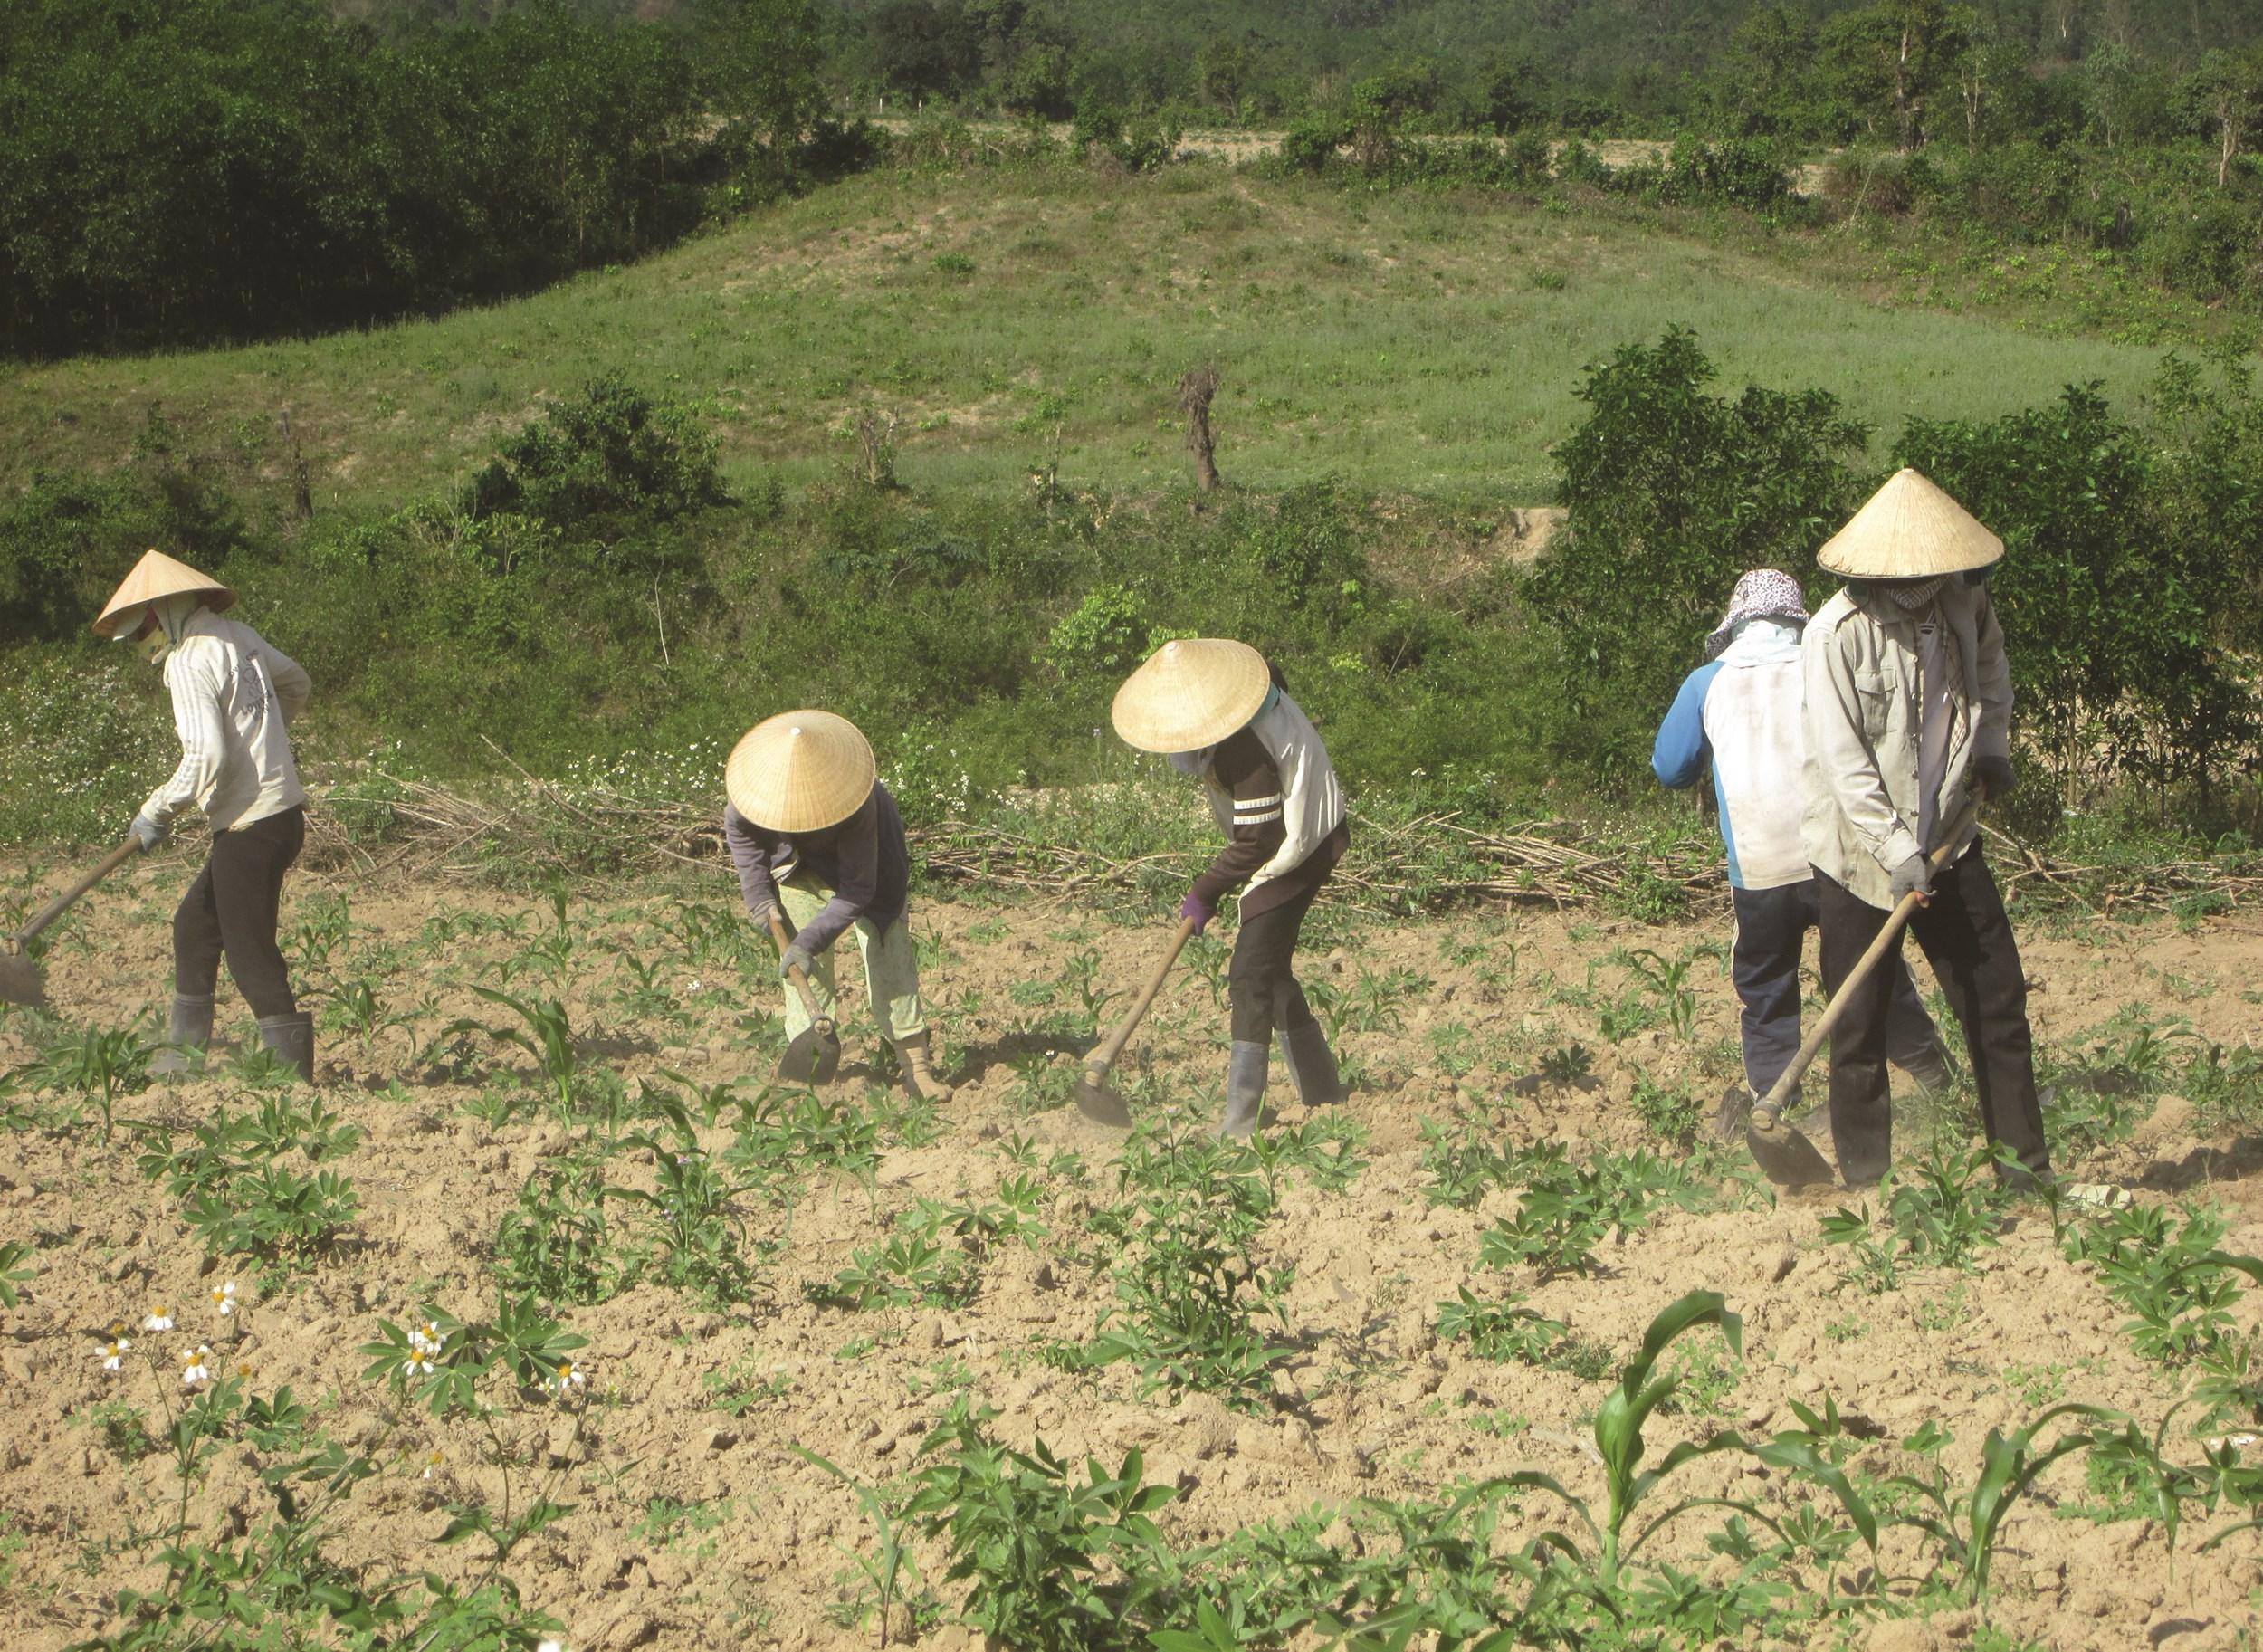 Những hộ đồng bào DTTS ở Canh Thuận sống chủ yếu dựa vào nương rẫy nên cuộc sống còn nhiều khó khăn.